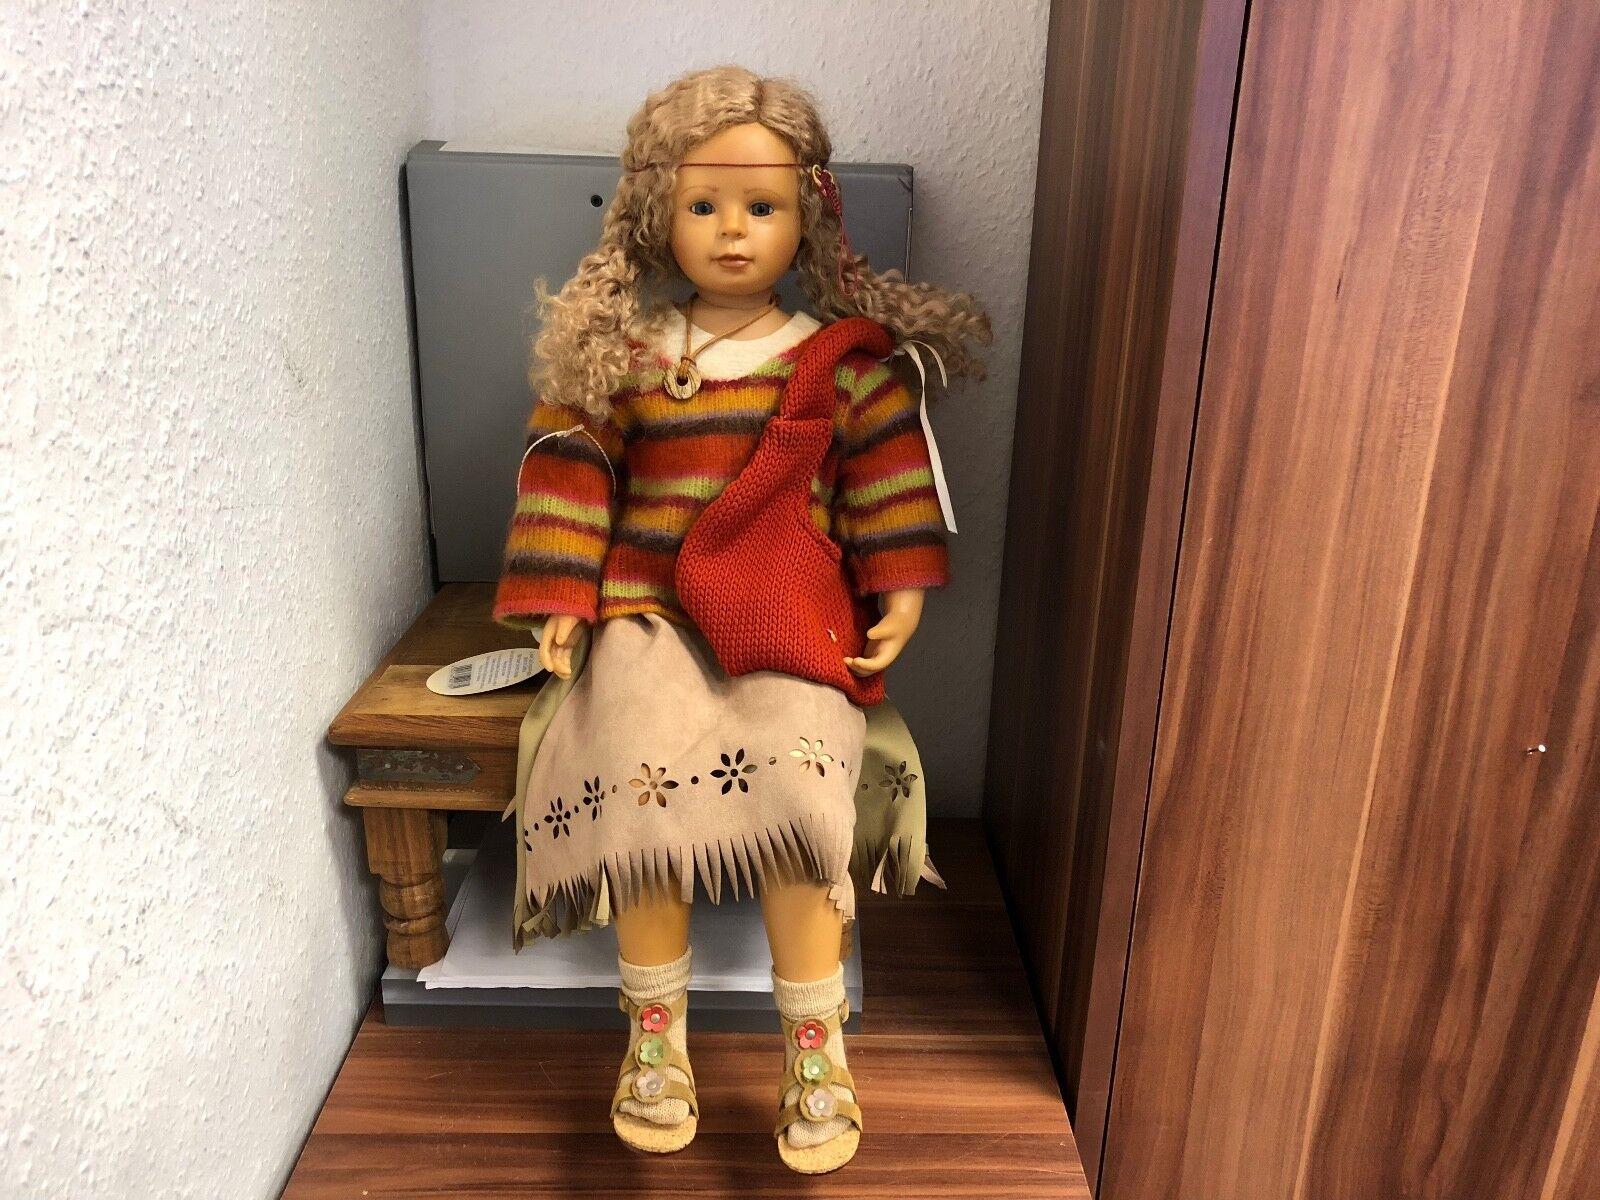 Bettina Feigenspan Hirsch Vinyl Puppe 58 cm. Top Zustand.